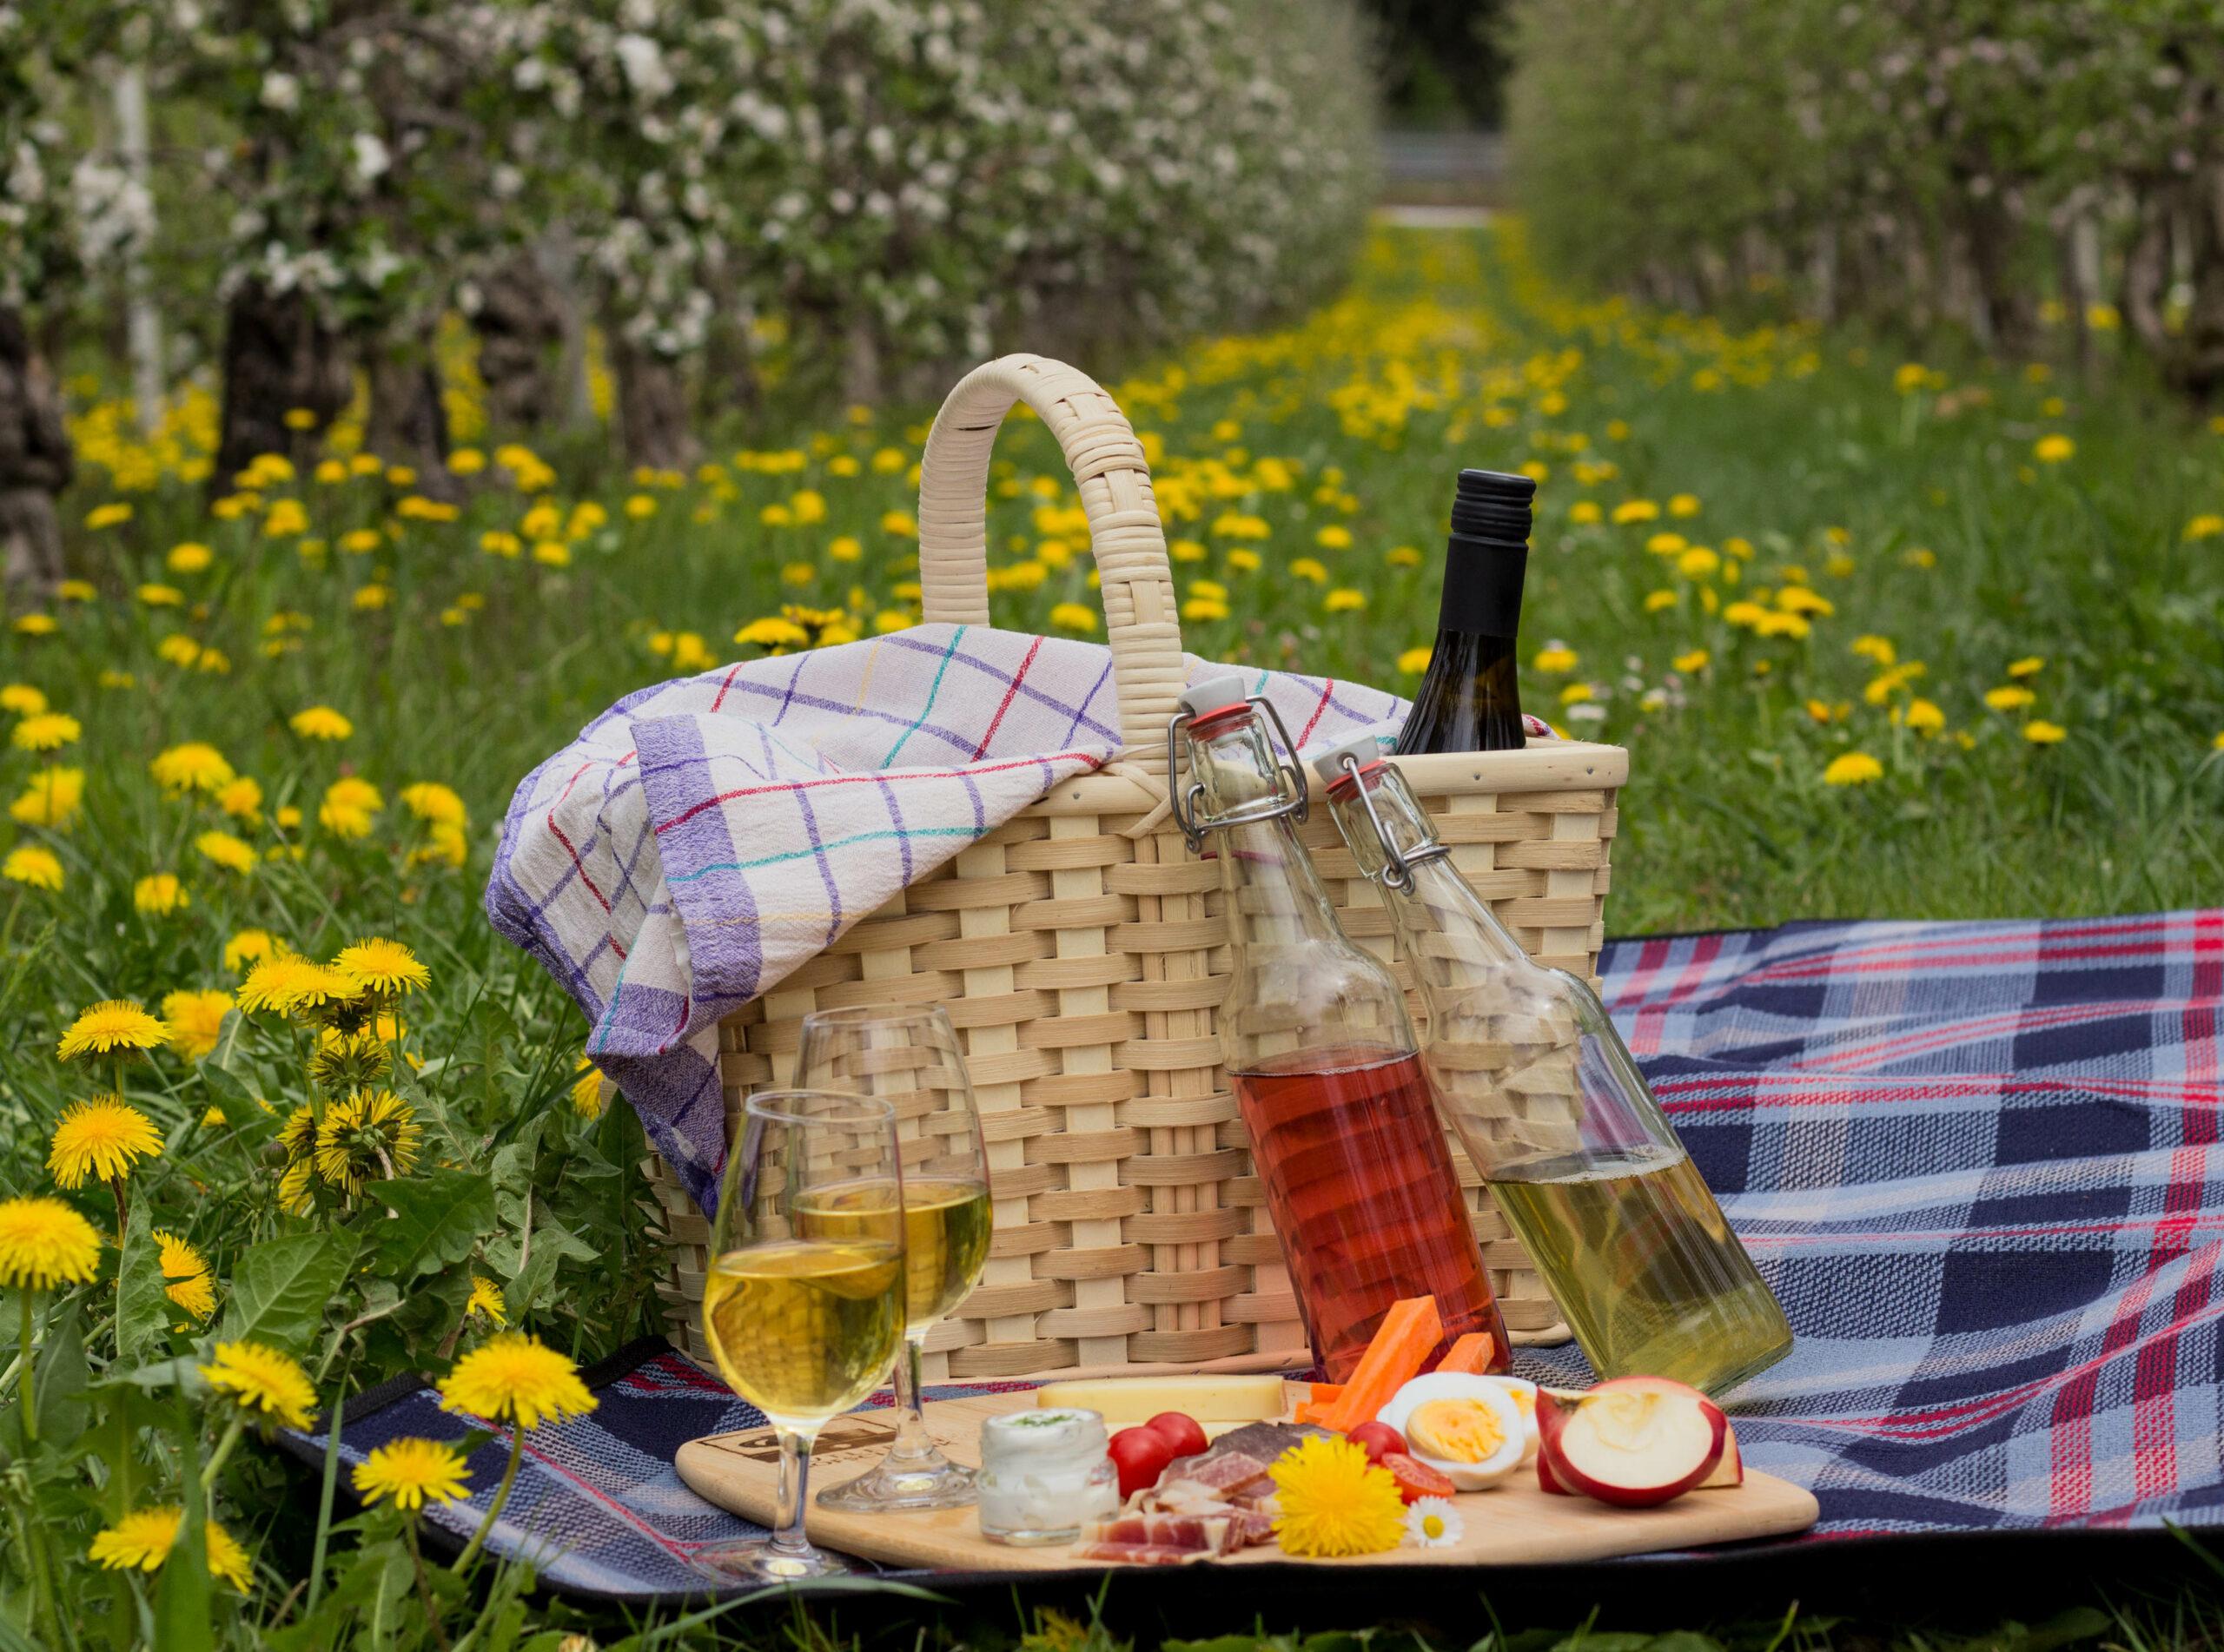 Picknick im Obst- und Weingarten